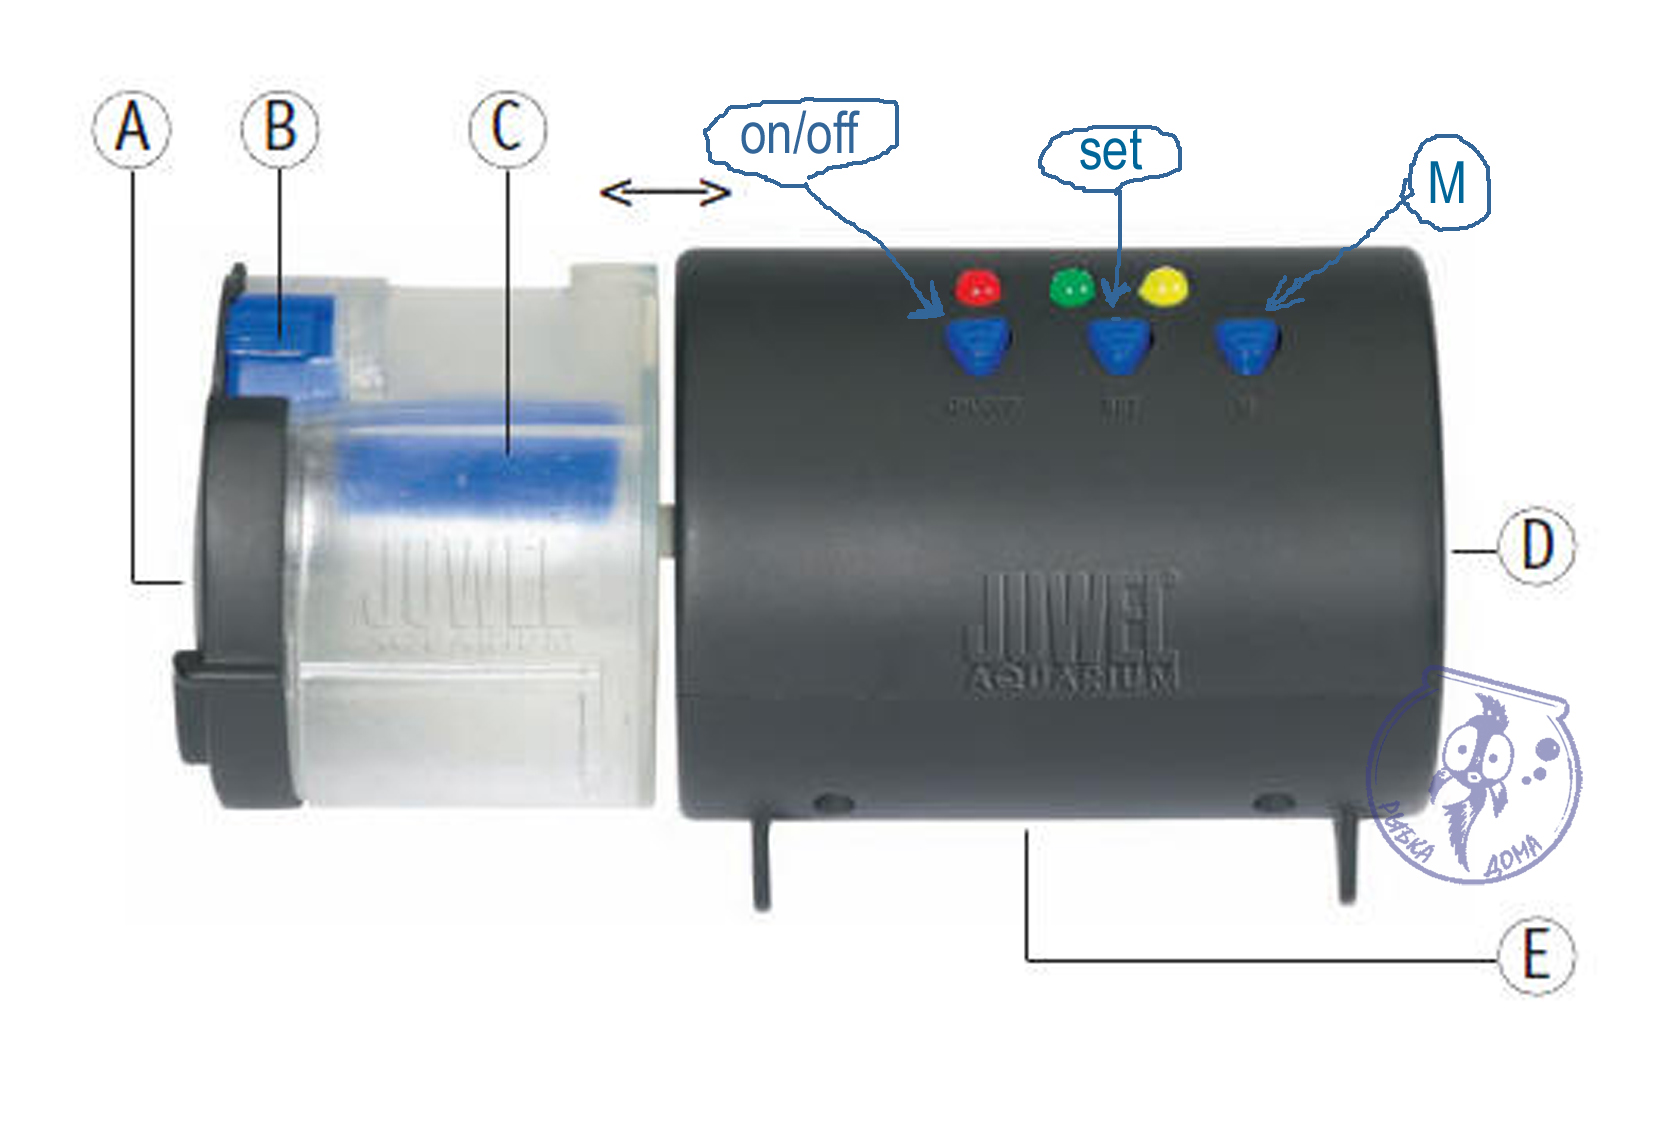 Автоматическая кормушка juwel инструкция